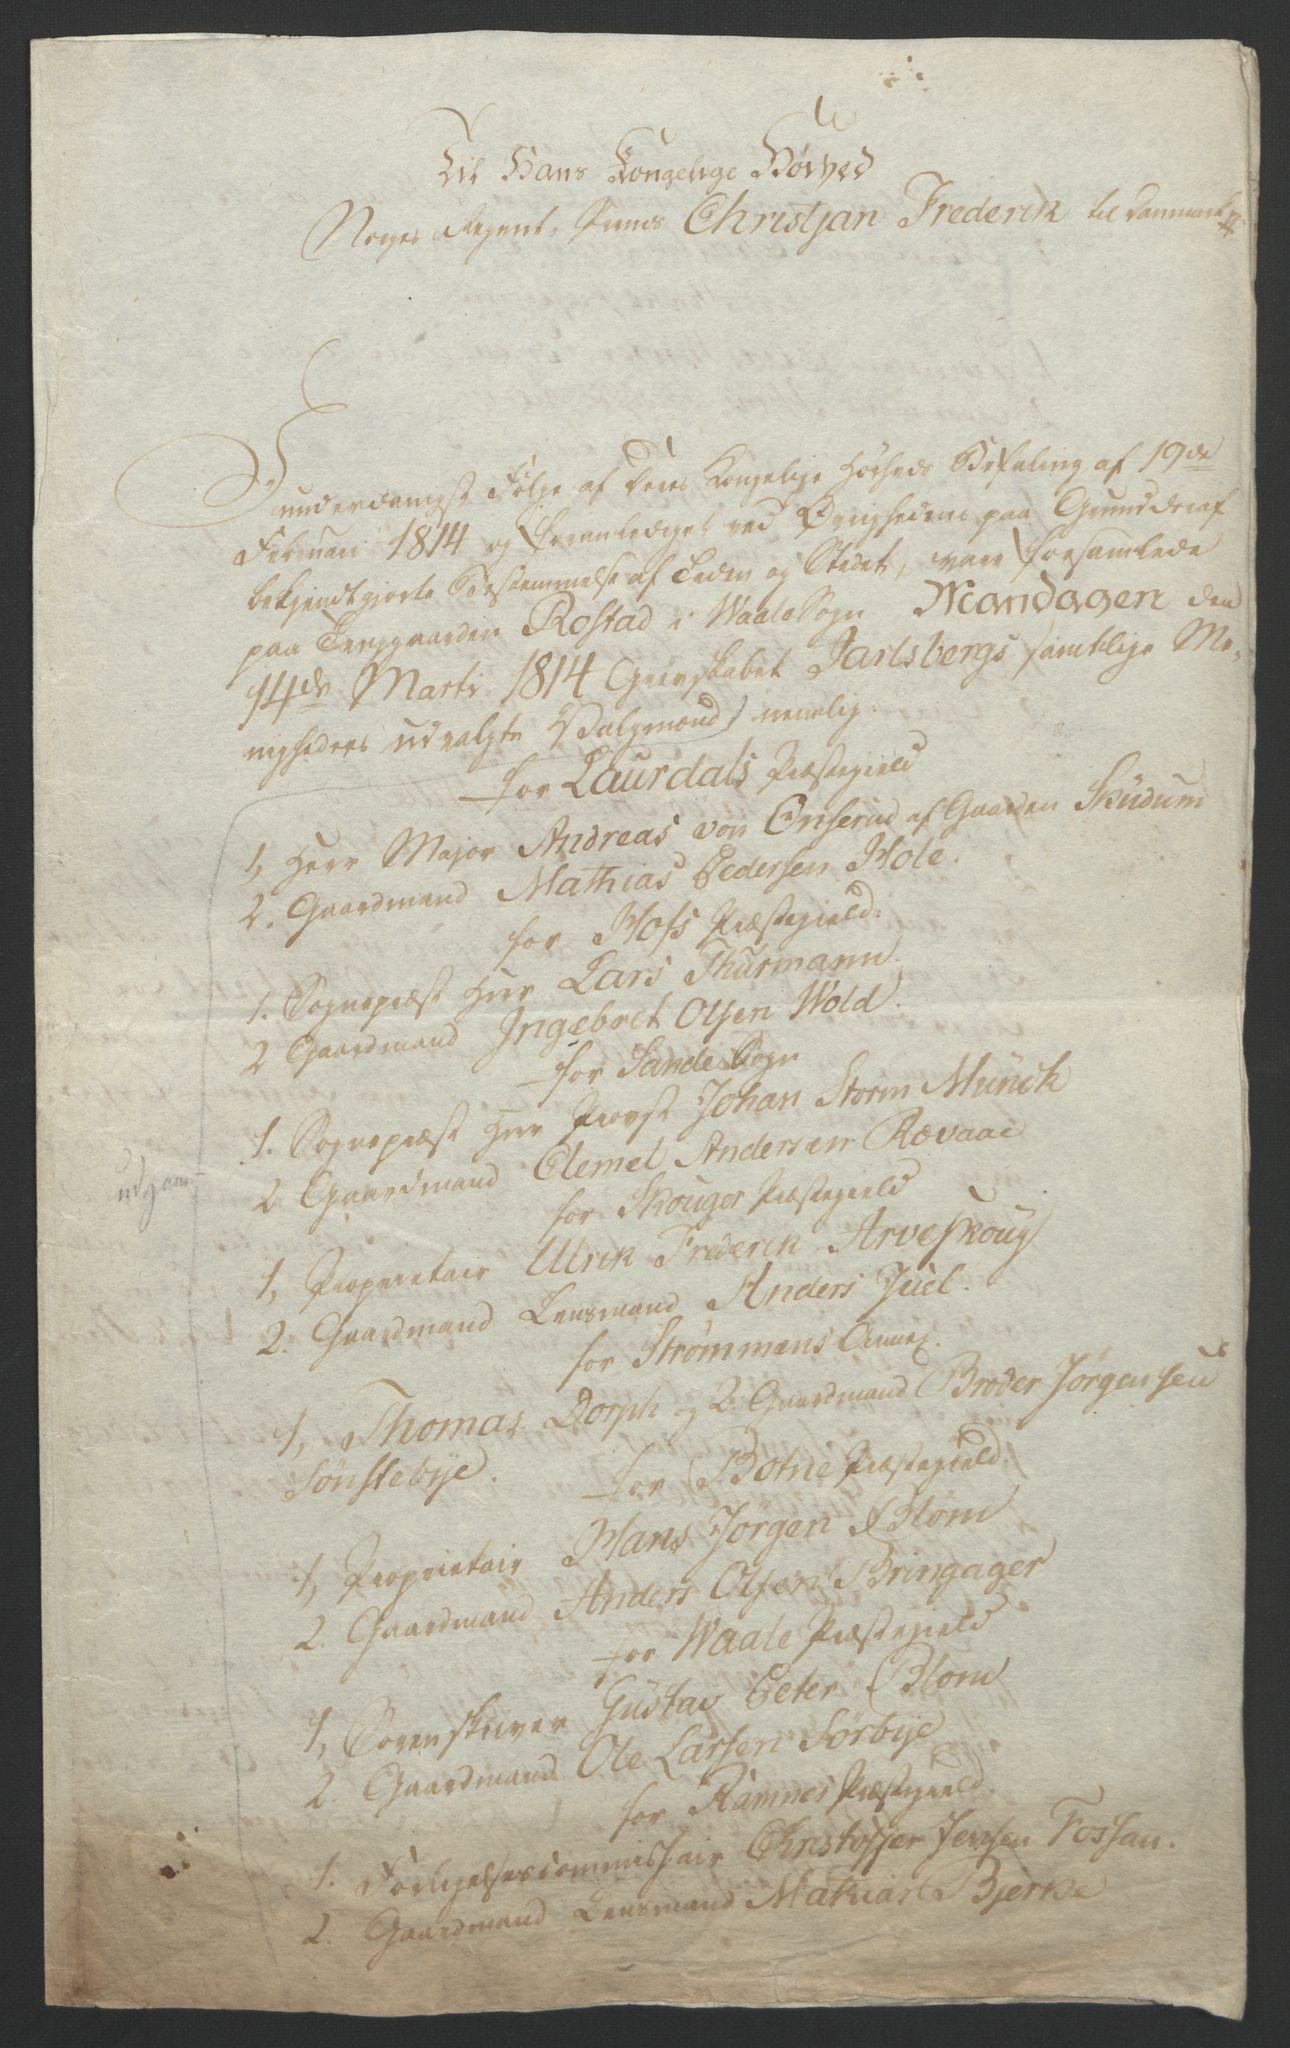 RA, Statsrådssekretariatet, D/Db/L0008: Fullmakter for Eidsvollsrepresentantene i 1814. , 1814, s. 3